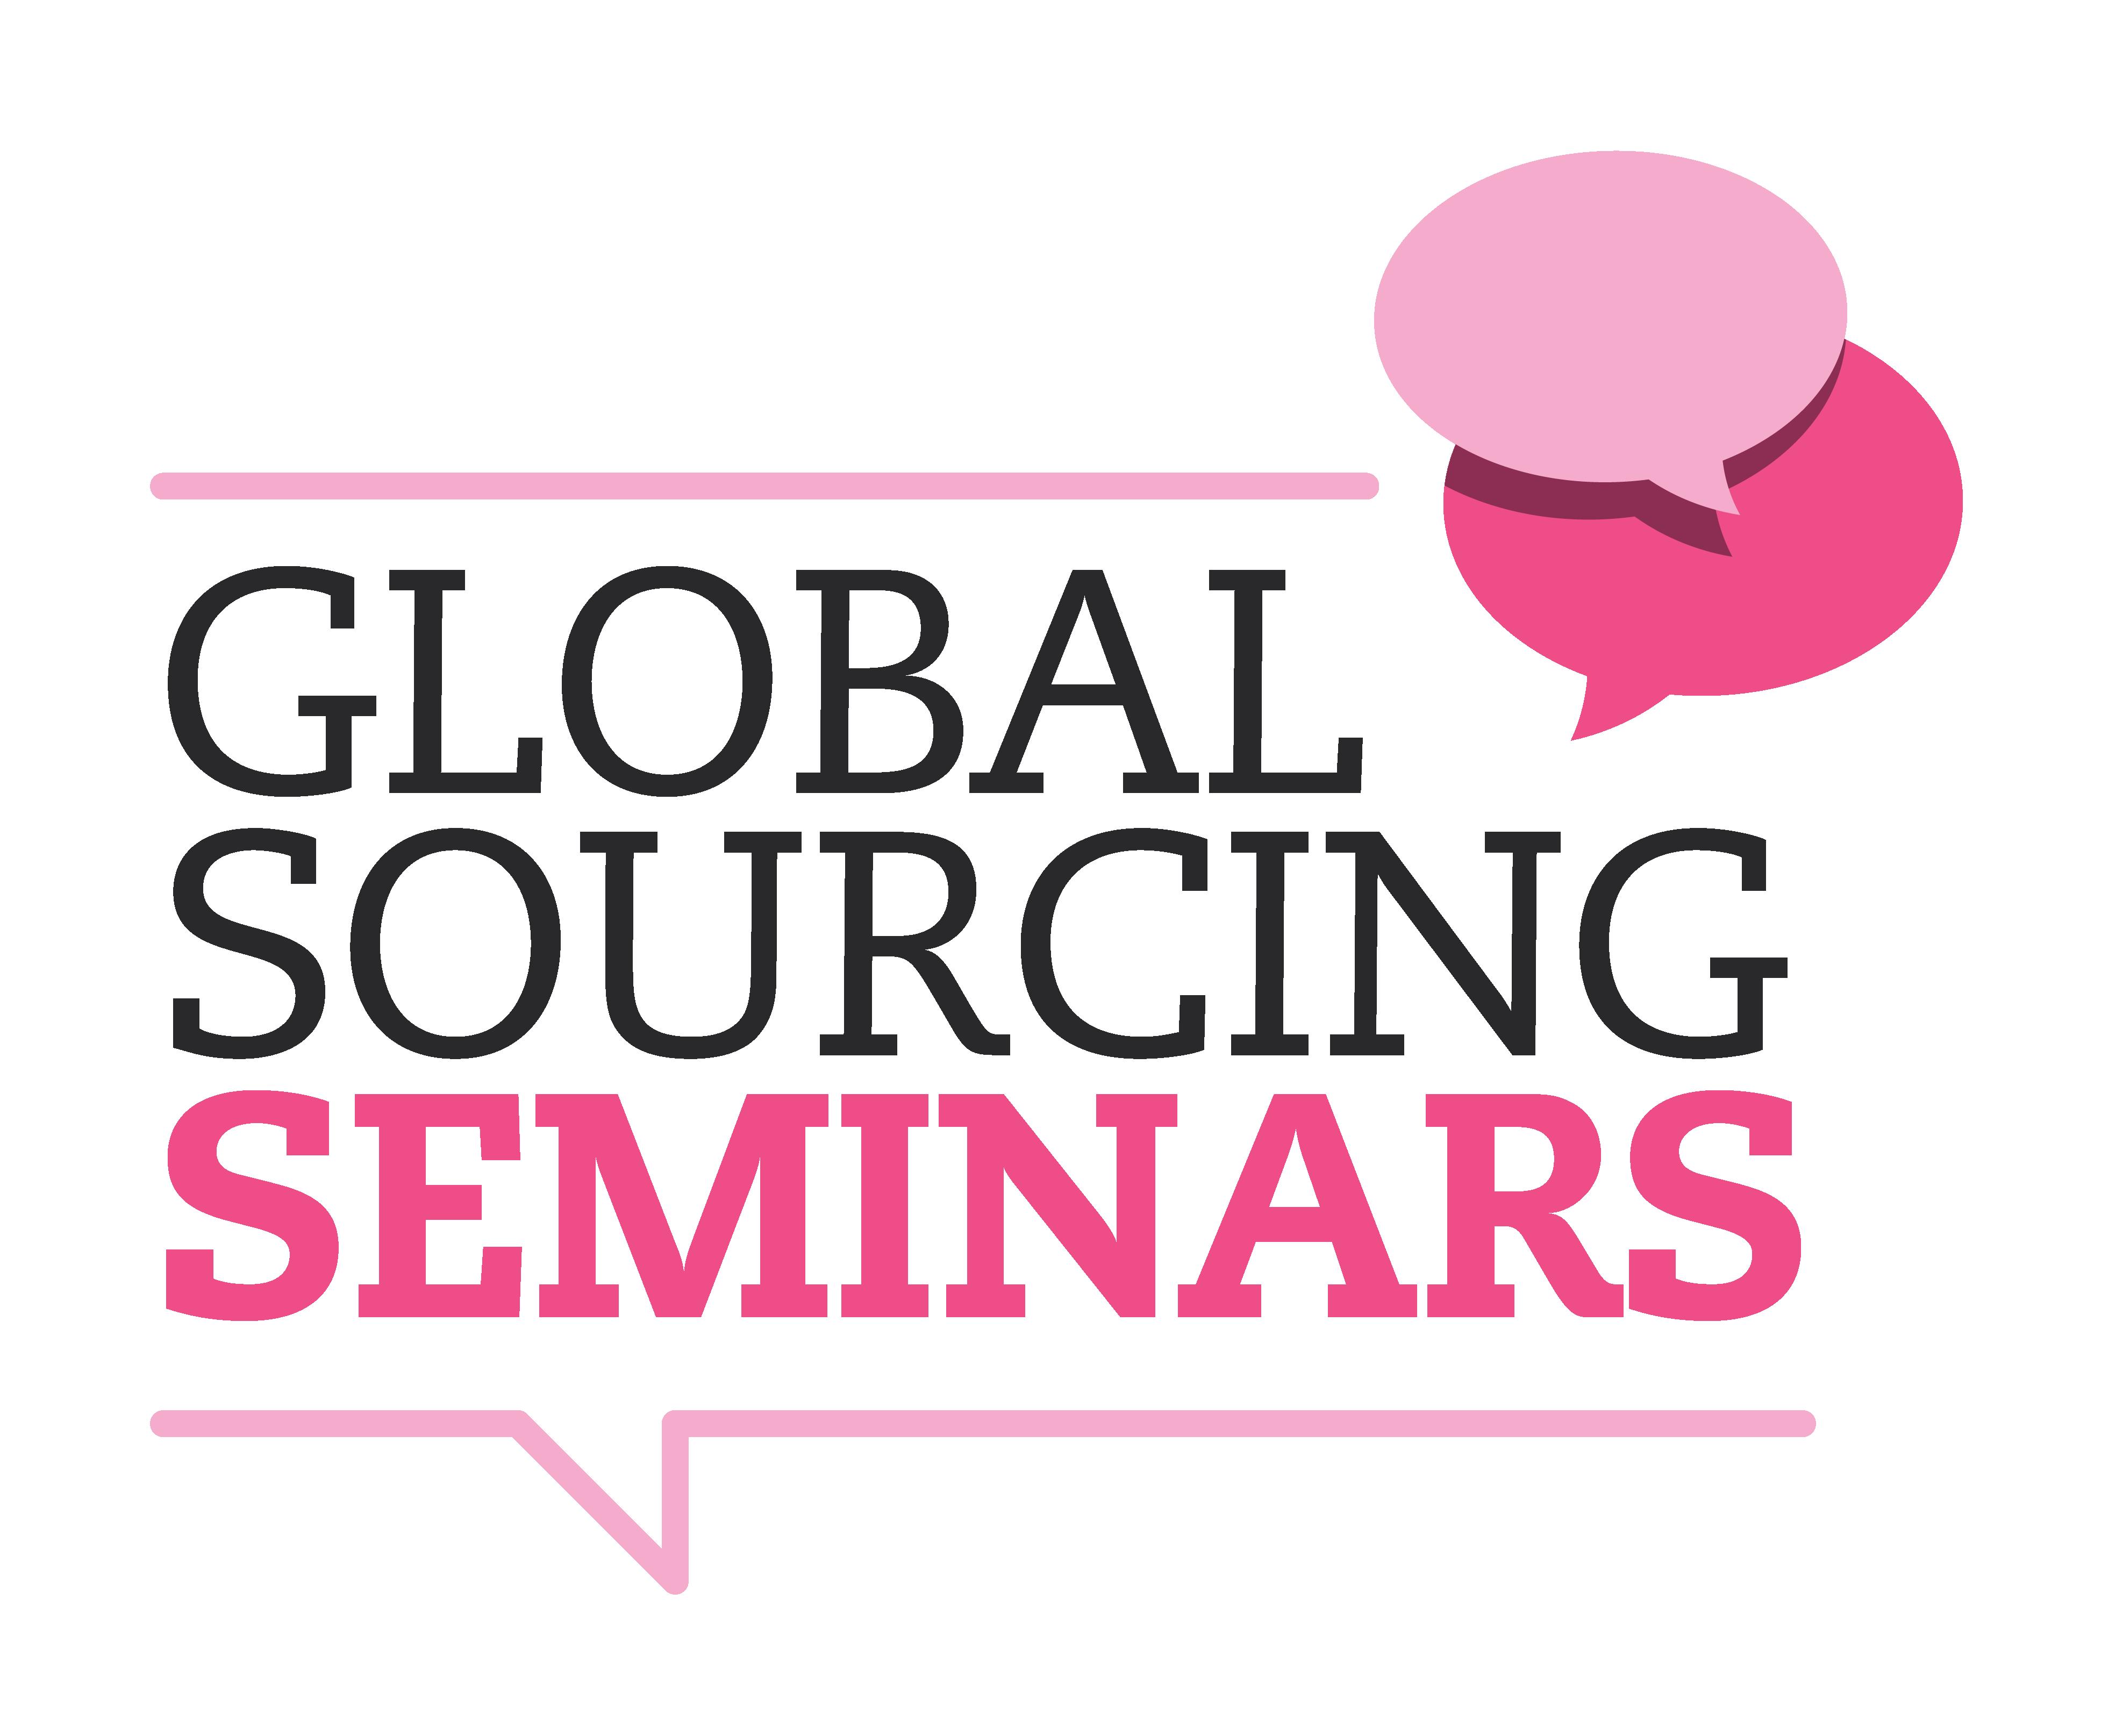 GlobalSourcingSeminar RGB Positive - Seminars